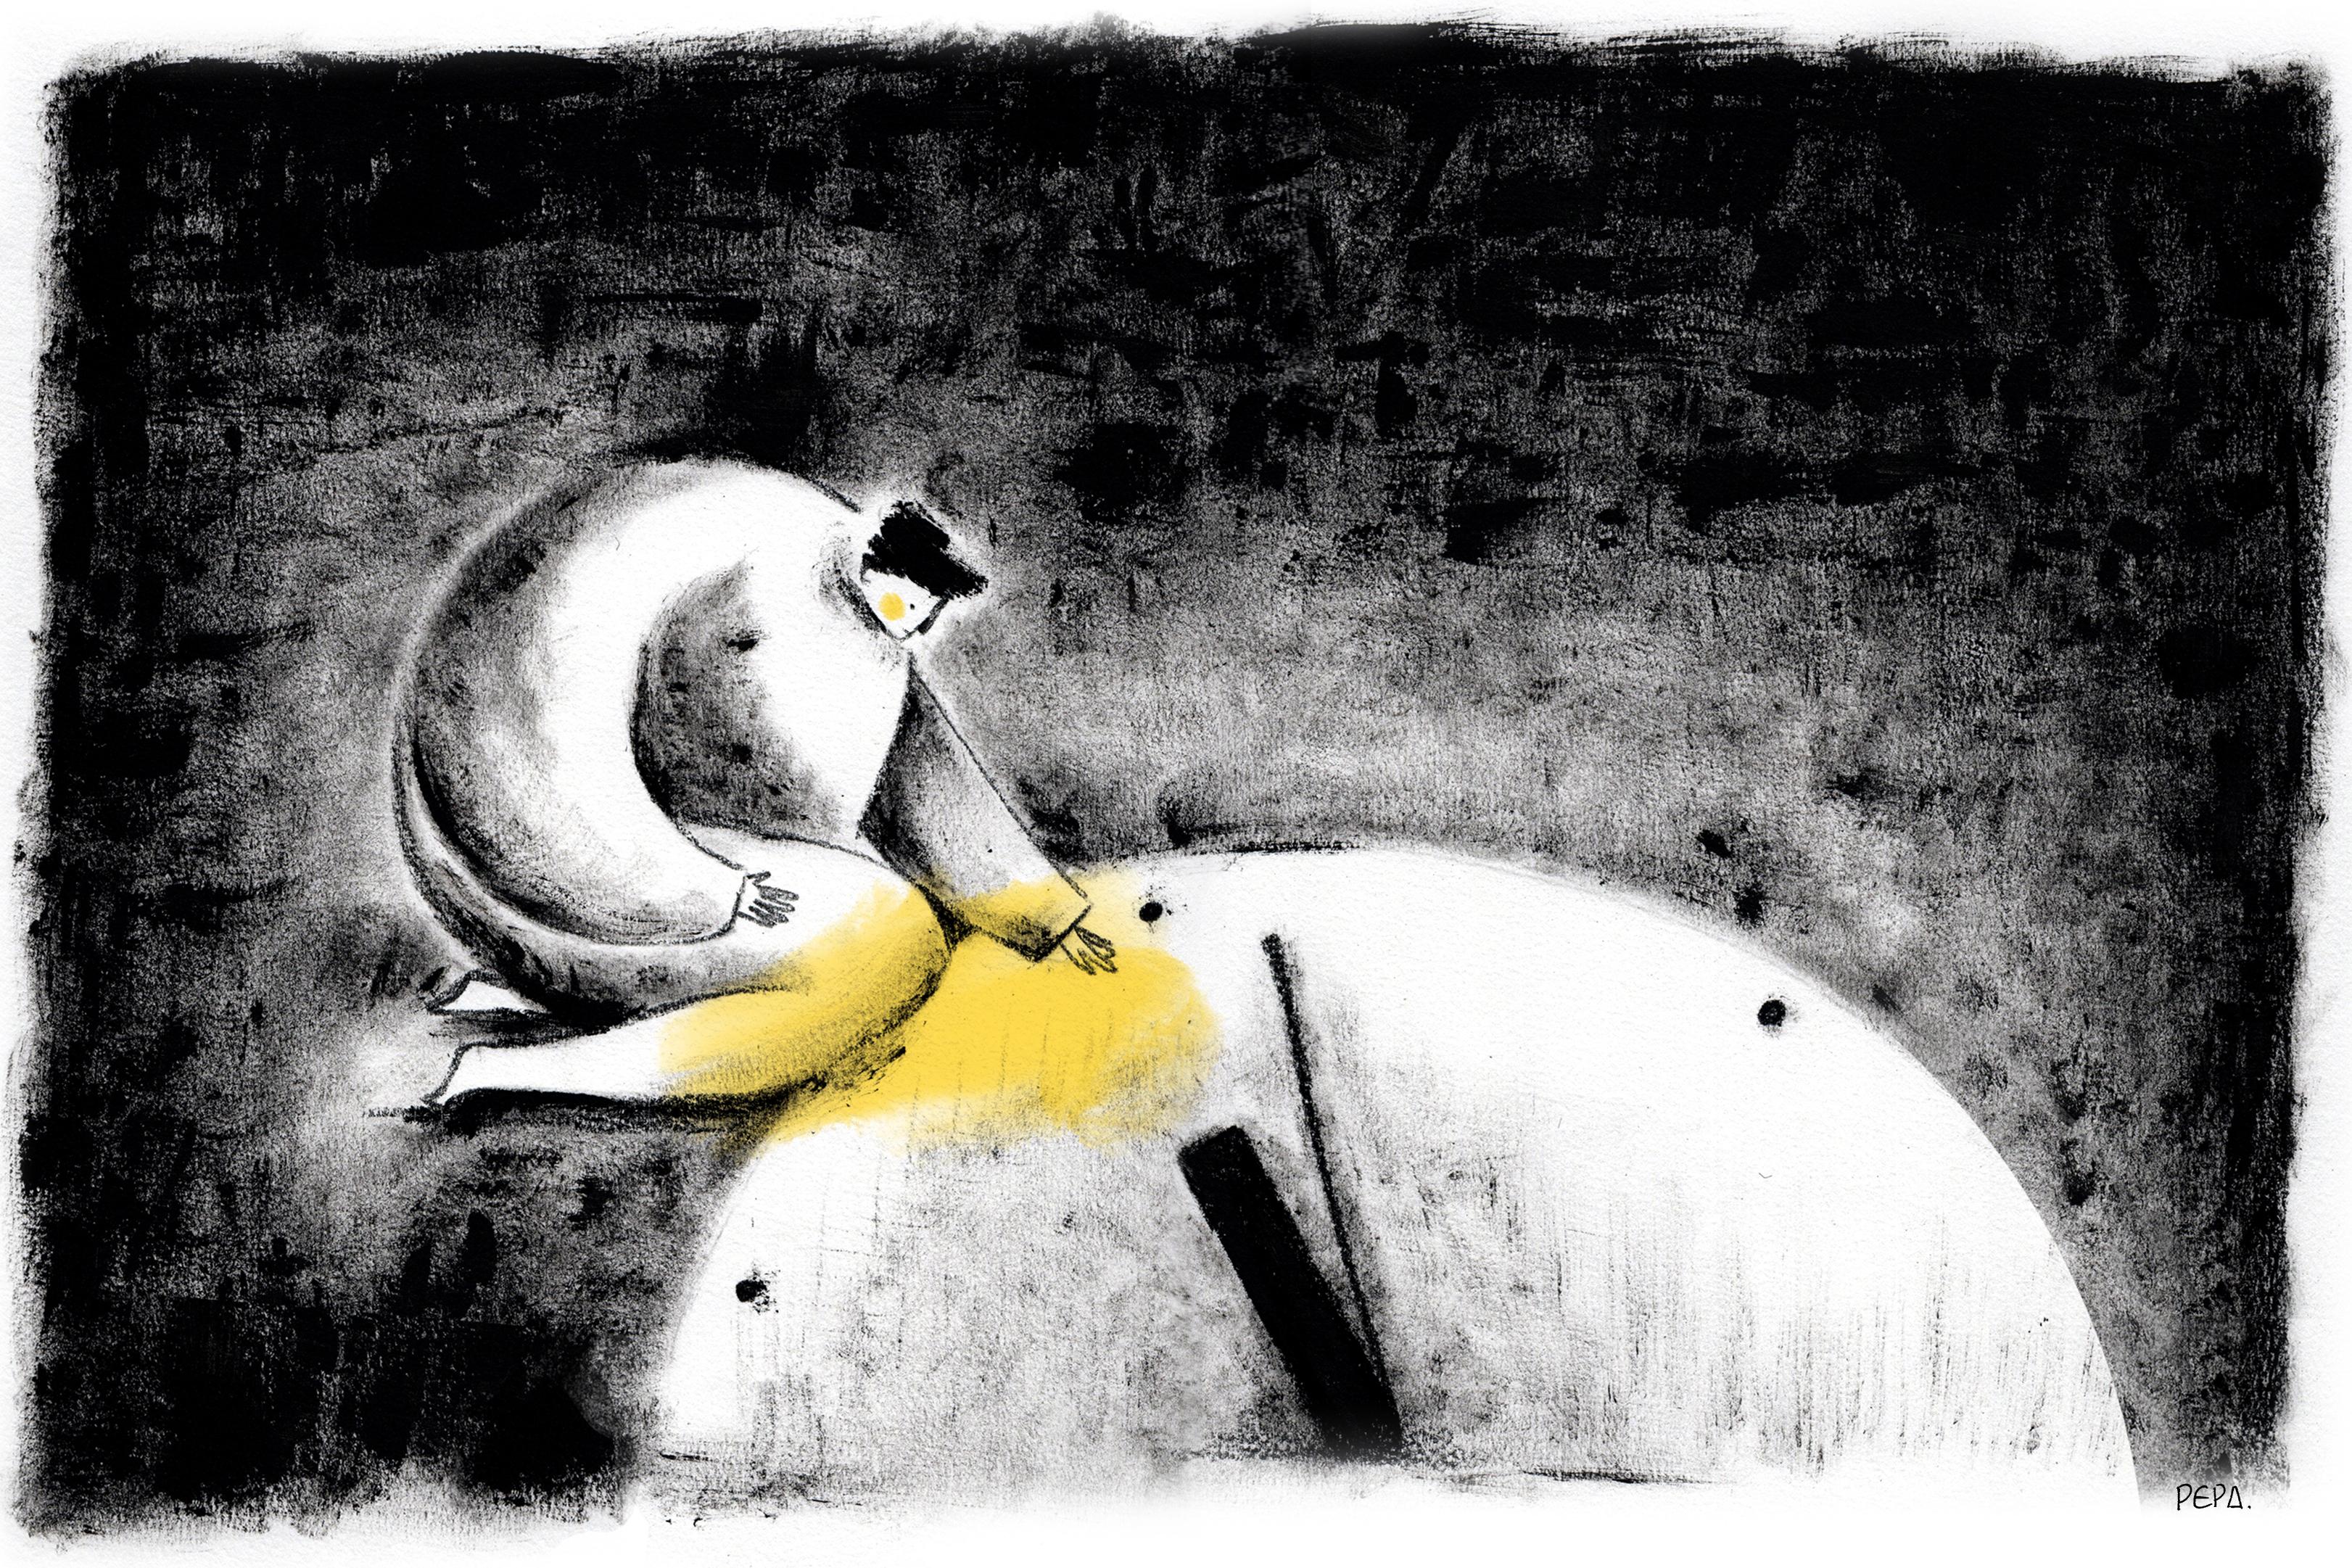 Ilustración de El reloj y la linterna, episodio 03 de la temporada 11 de Radio Ambulante